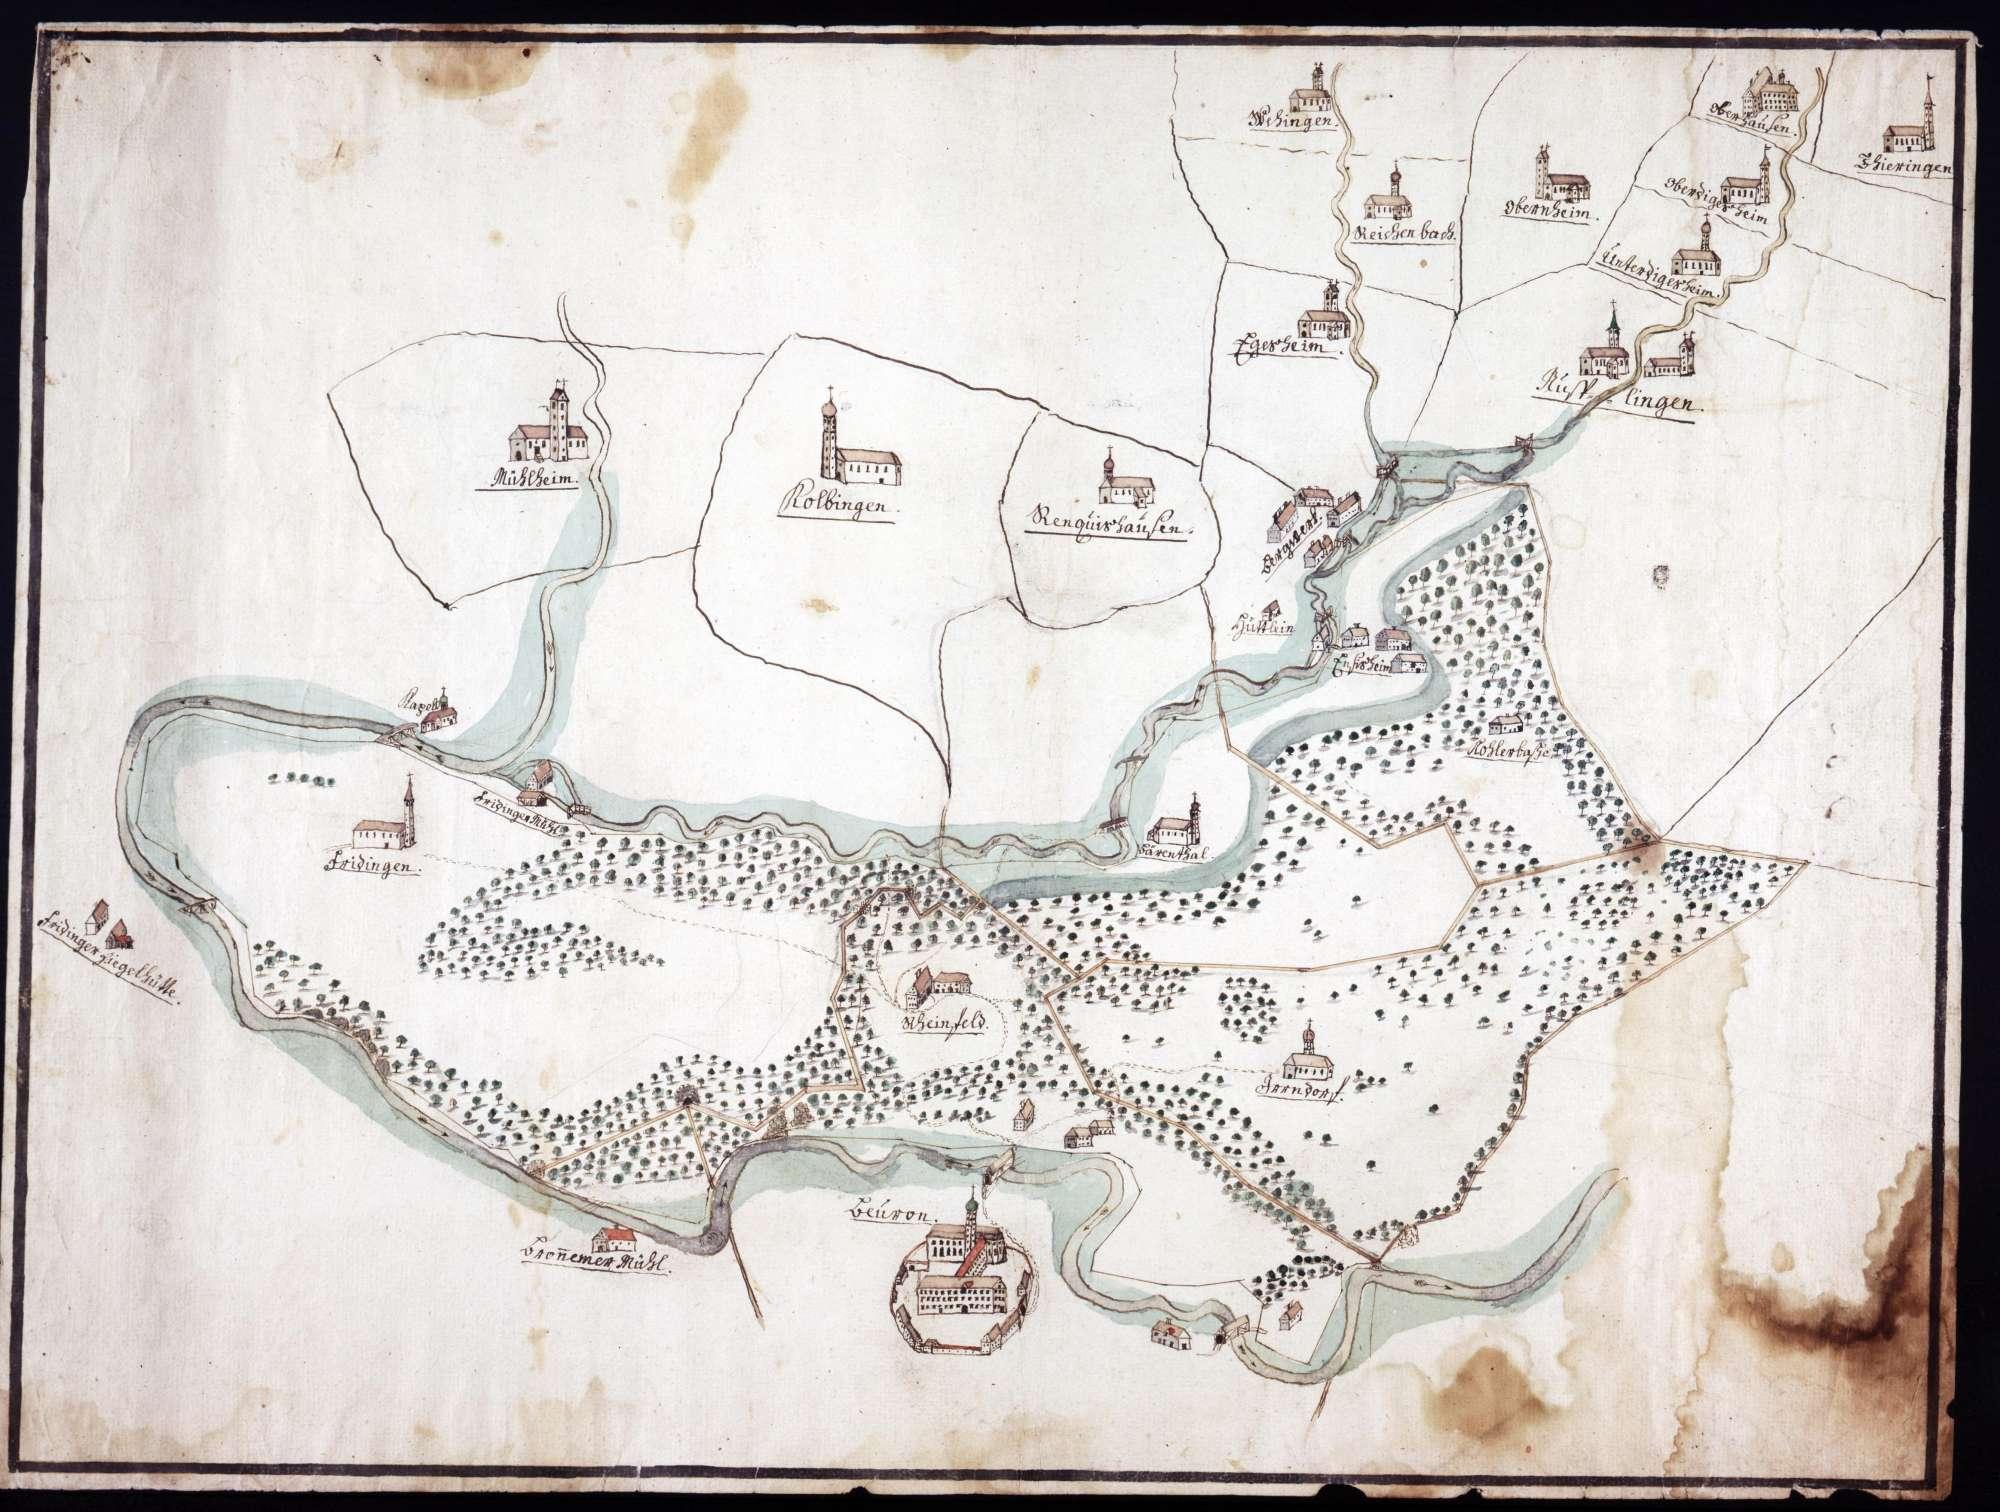 Karte über das Gebiet nördlich und westlich von Beuron, Bild 1